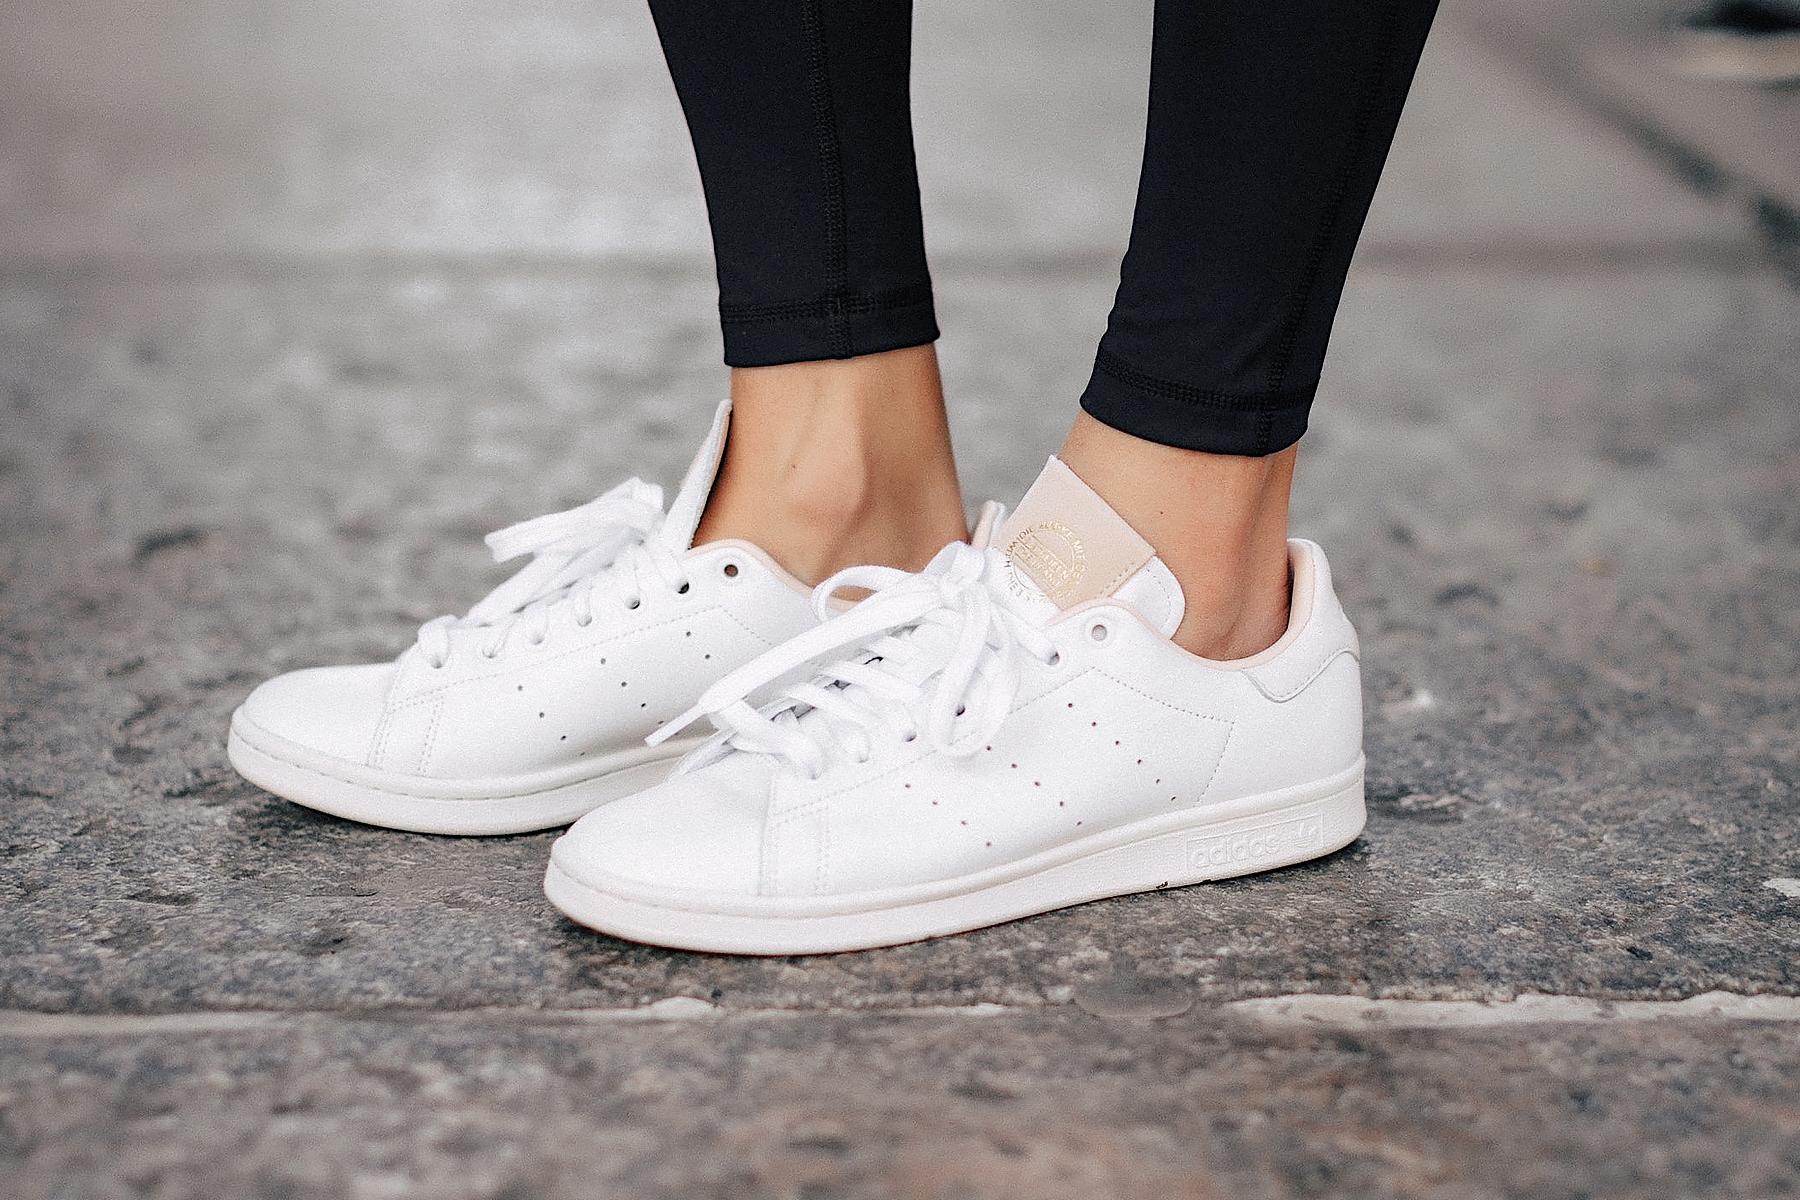 Fashion Jackson Wearing adidas Stan Smith Shoes White